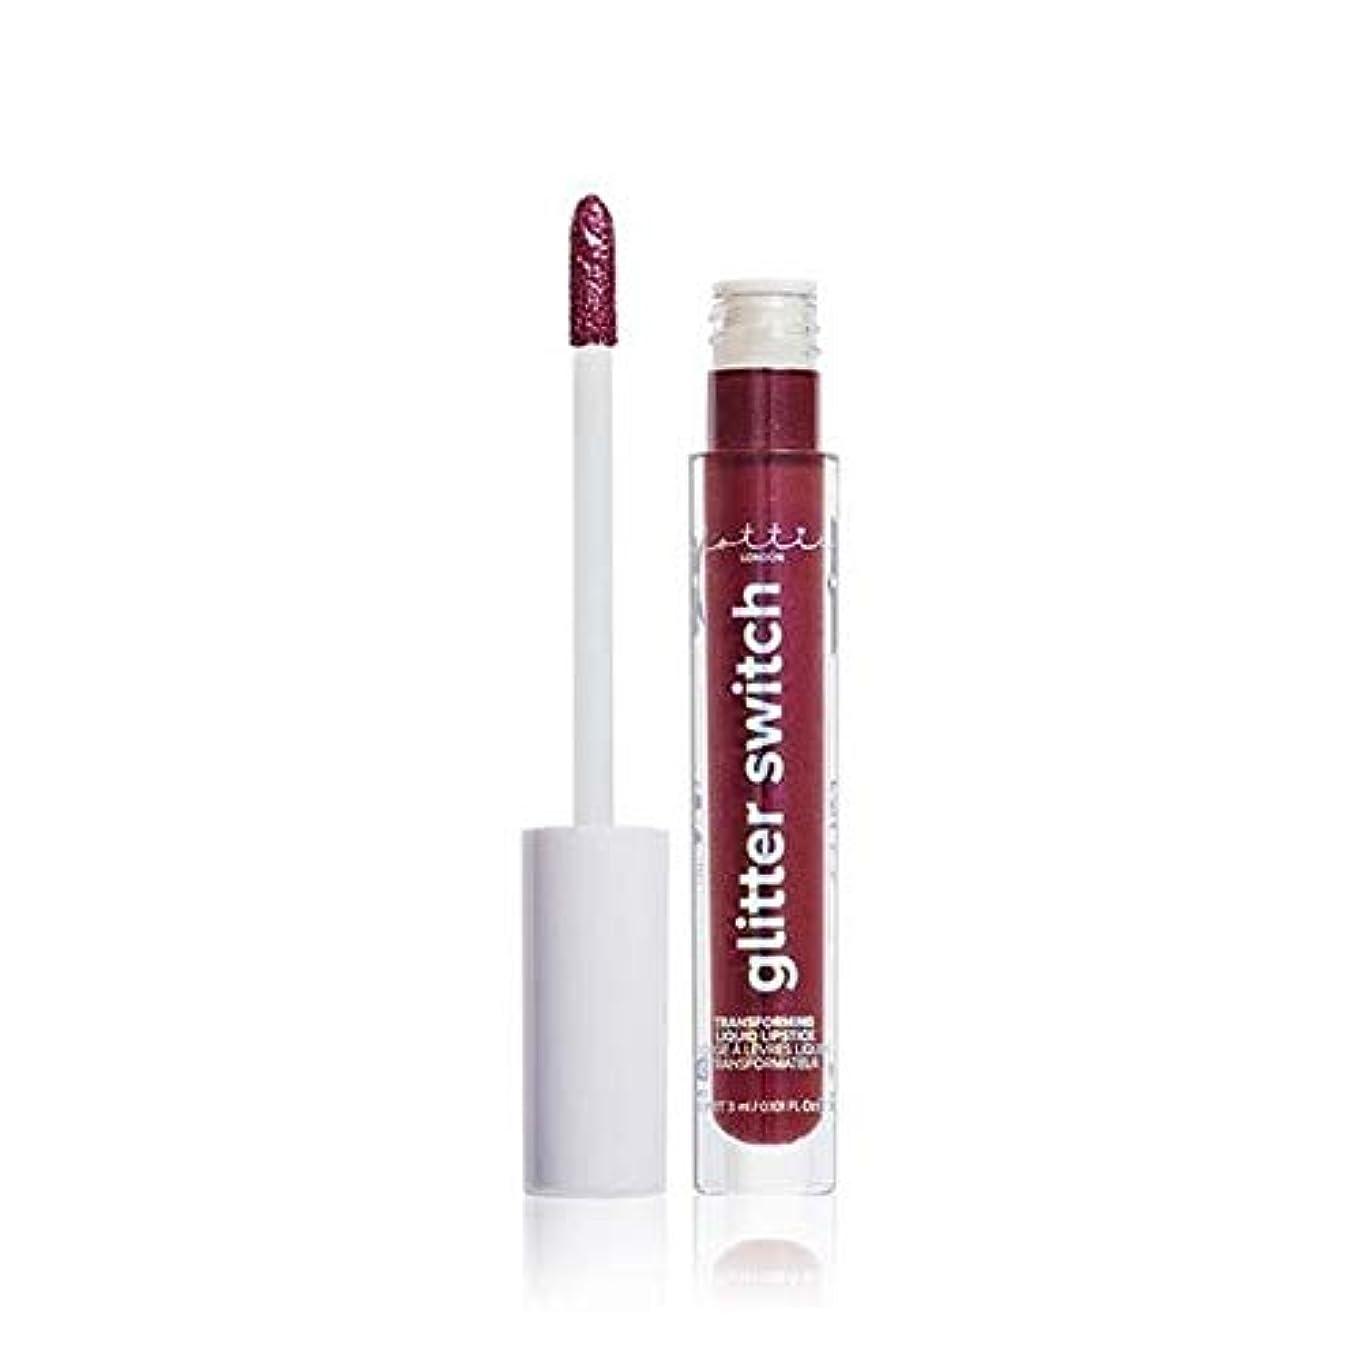 アクチュエータ沿って灌漑[Lottie London] Lottieロンドングリッタースイッチはそれをキリン口紅を変換します - Lottie London Glitter Switch Transform Lipstick Killin It...